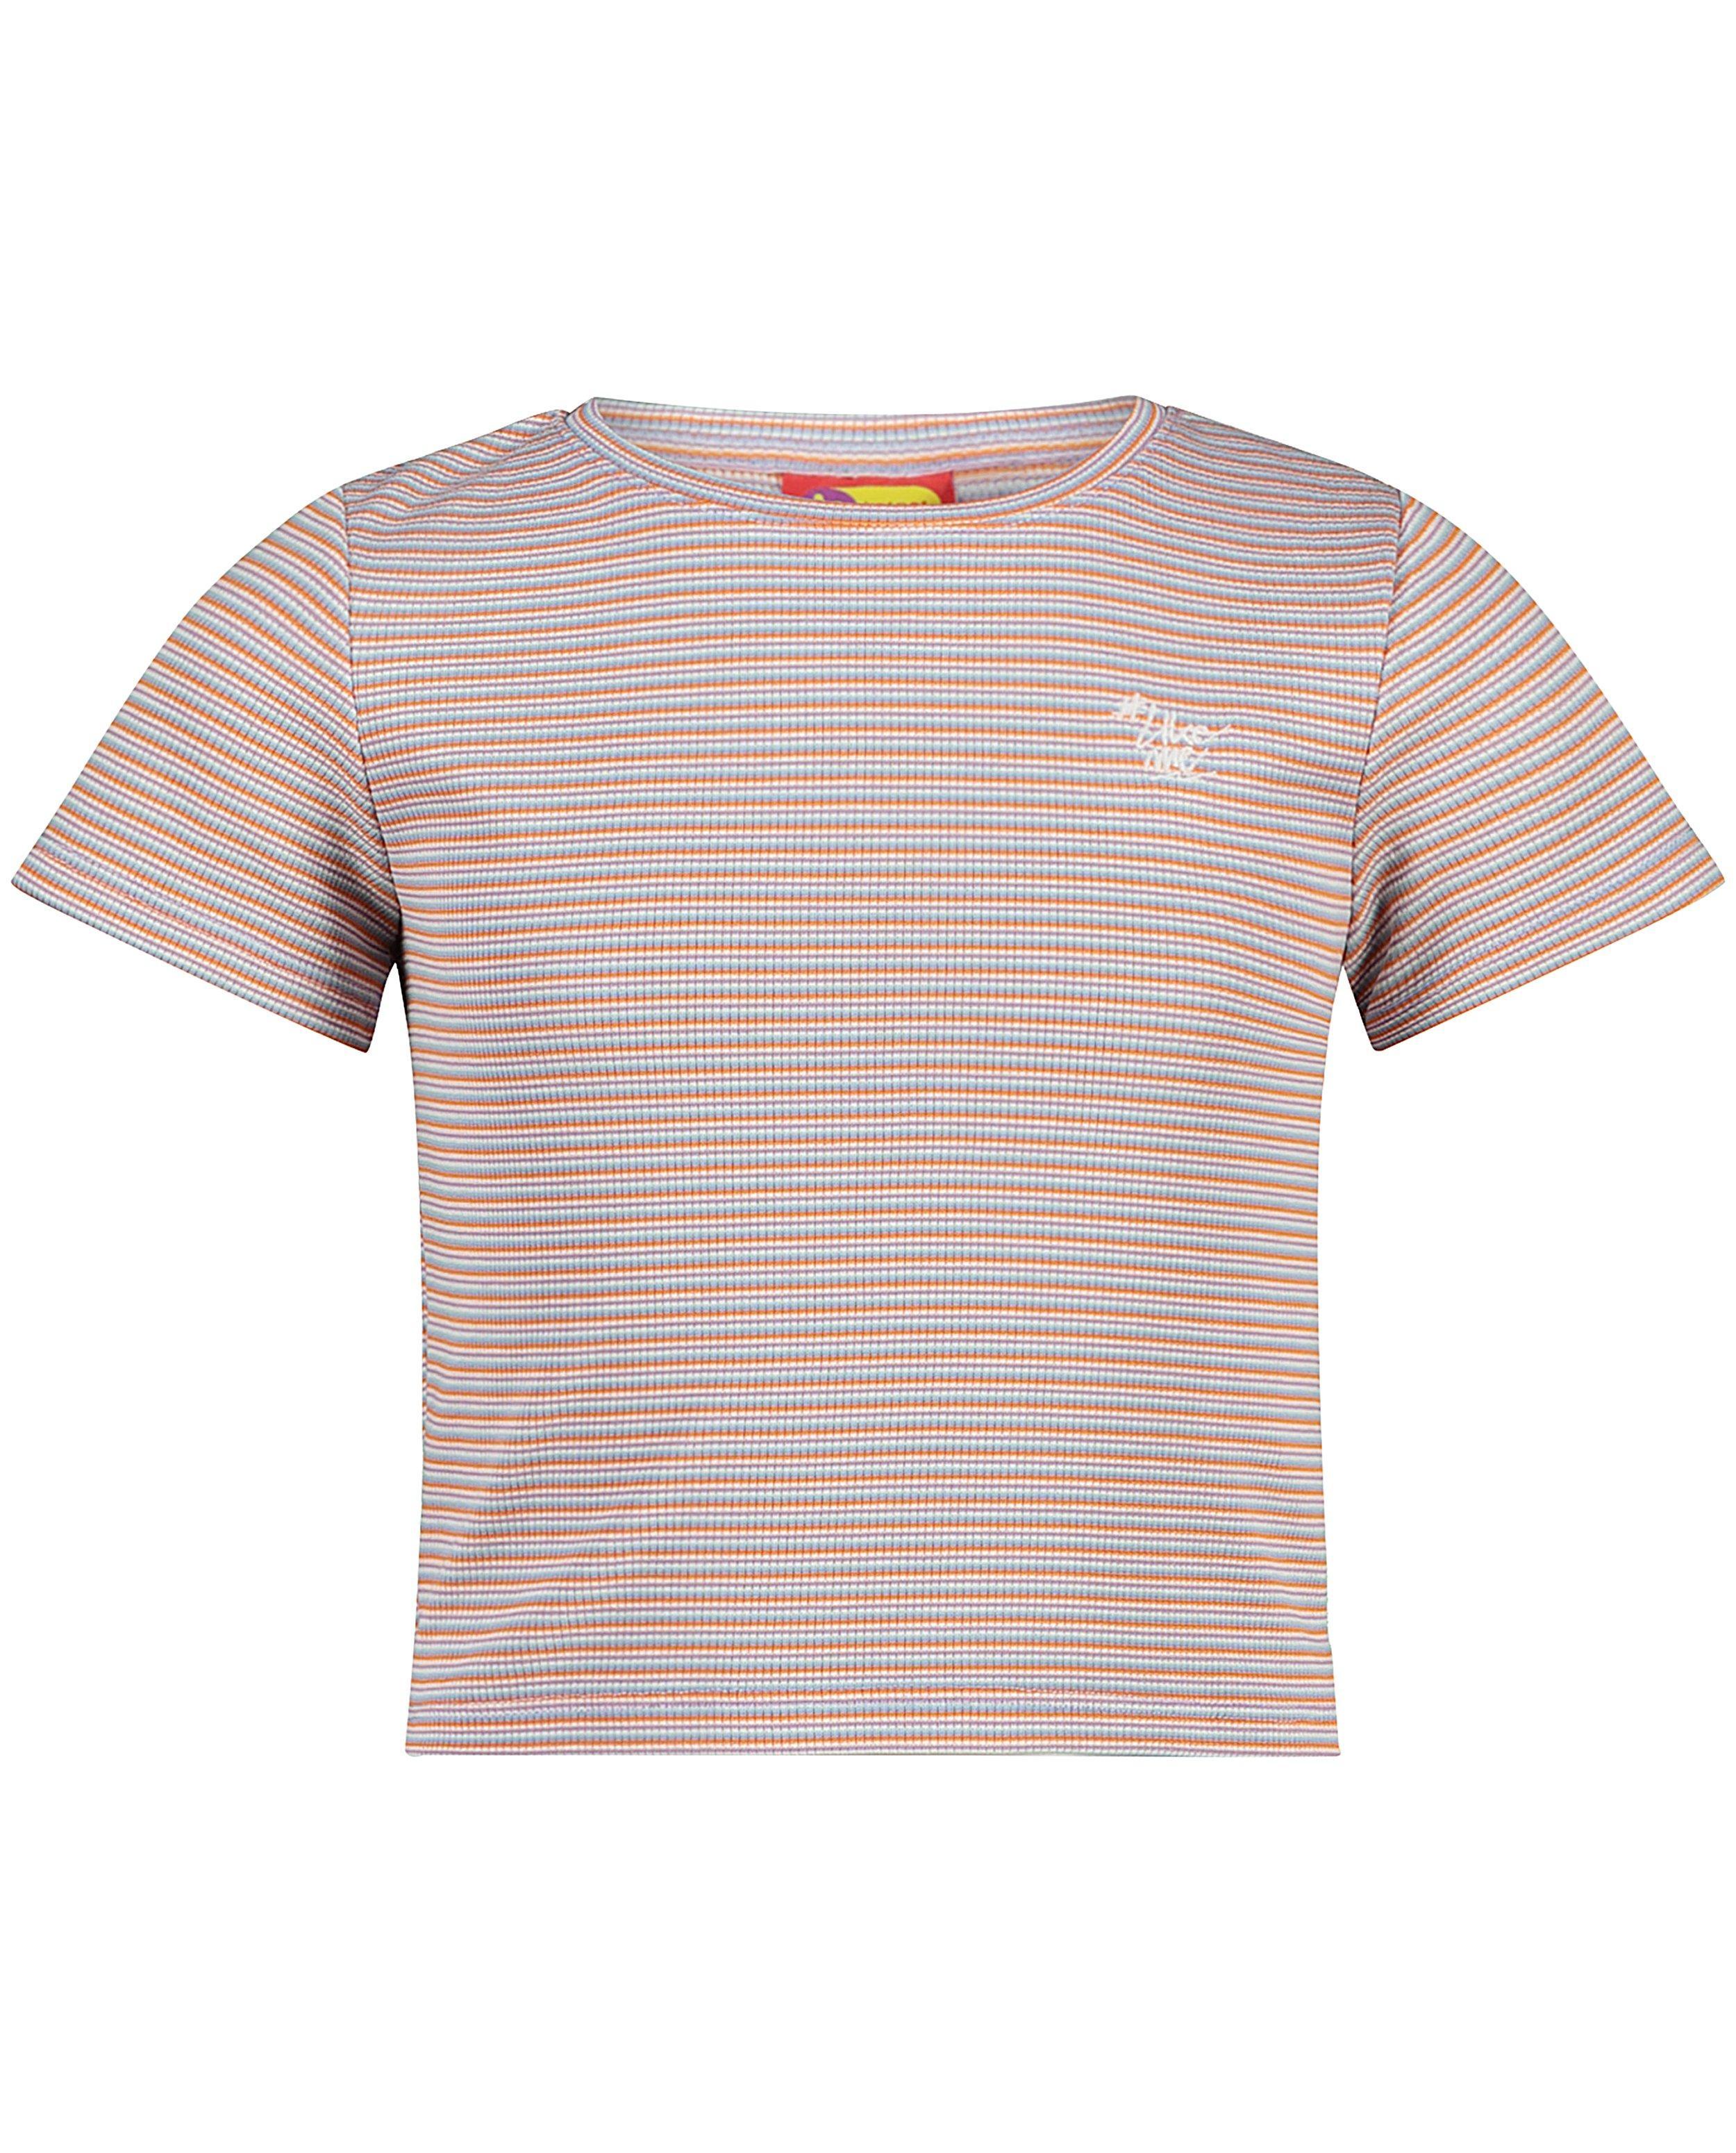 T-shirt met strepen #LikeMe